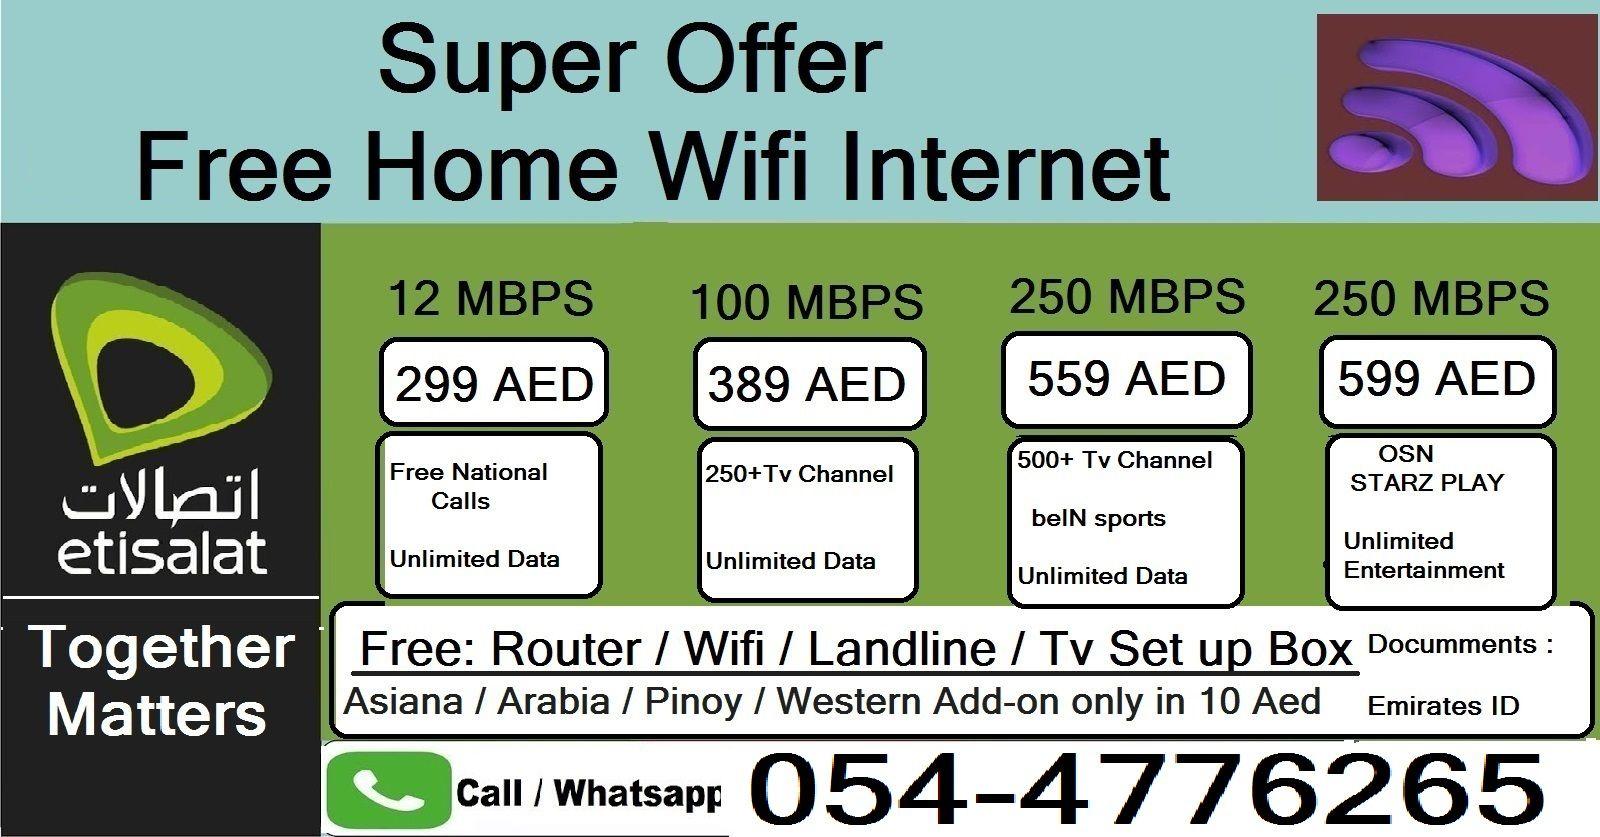 Etisalat Special Offer Elife Home Internet Home Internet Wifi Internet Wifi Router